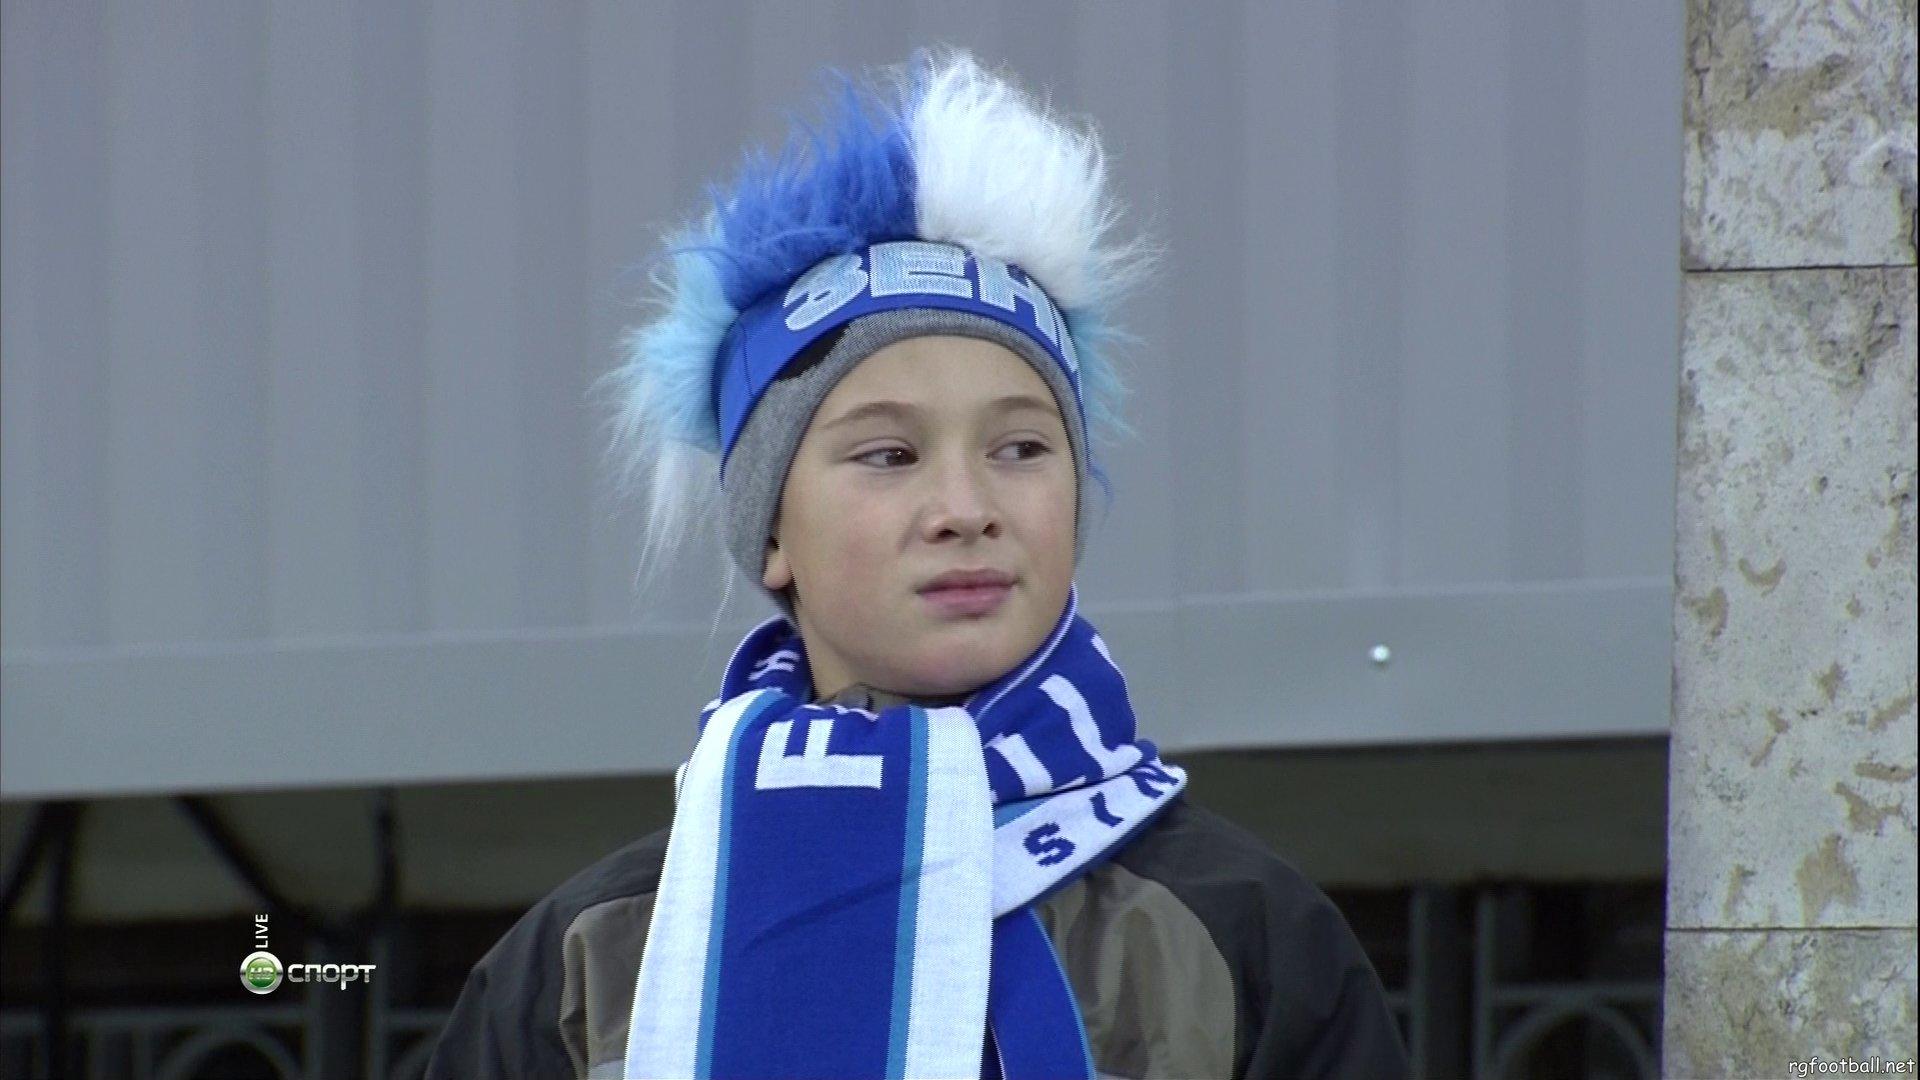 футбол динамо челсі Hd: Чемпионат России 2011-12 / 27-й тур / Зенит